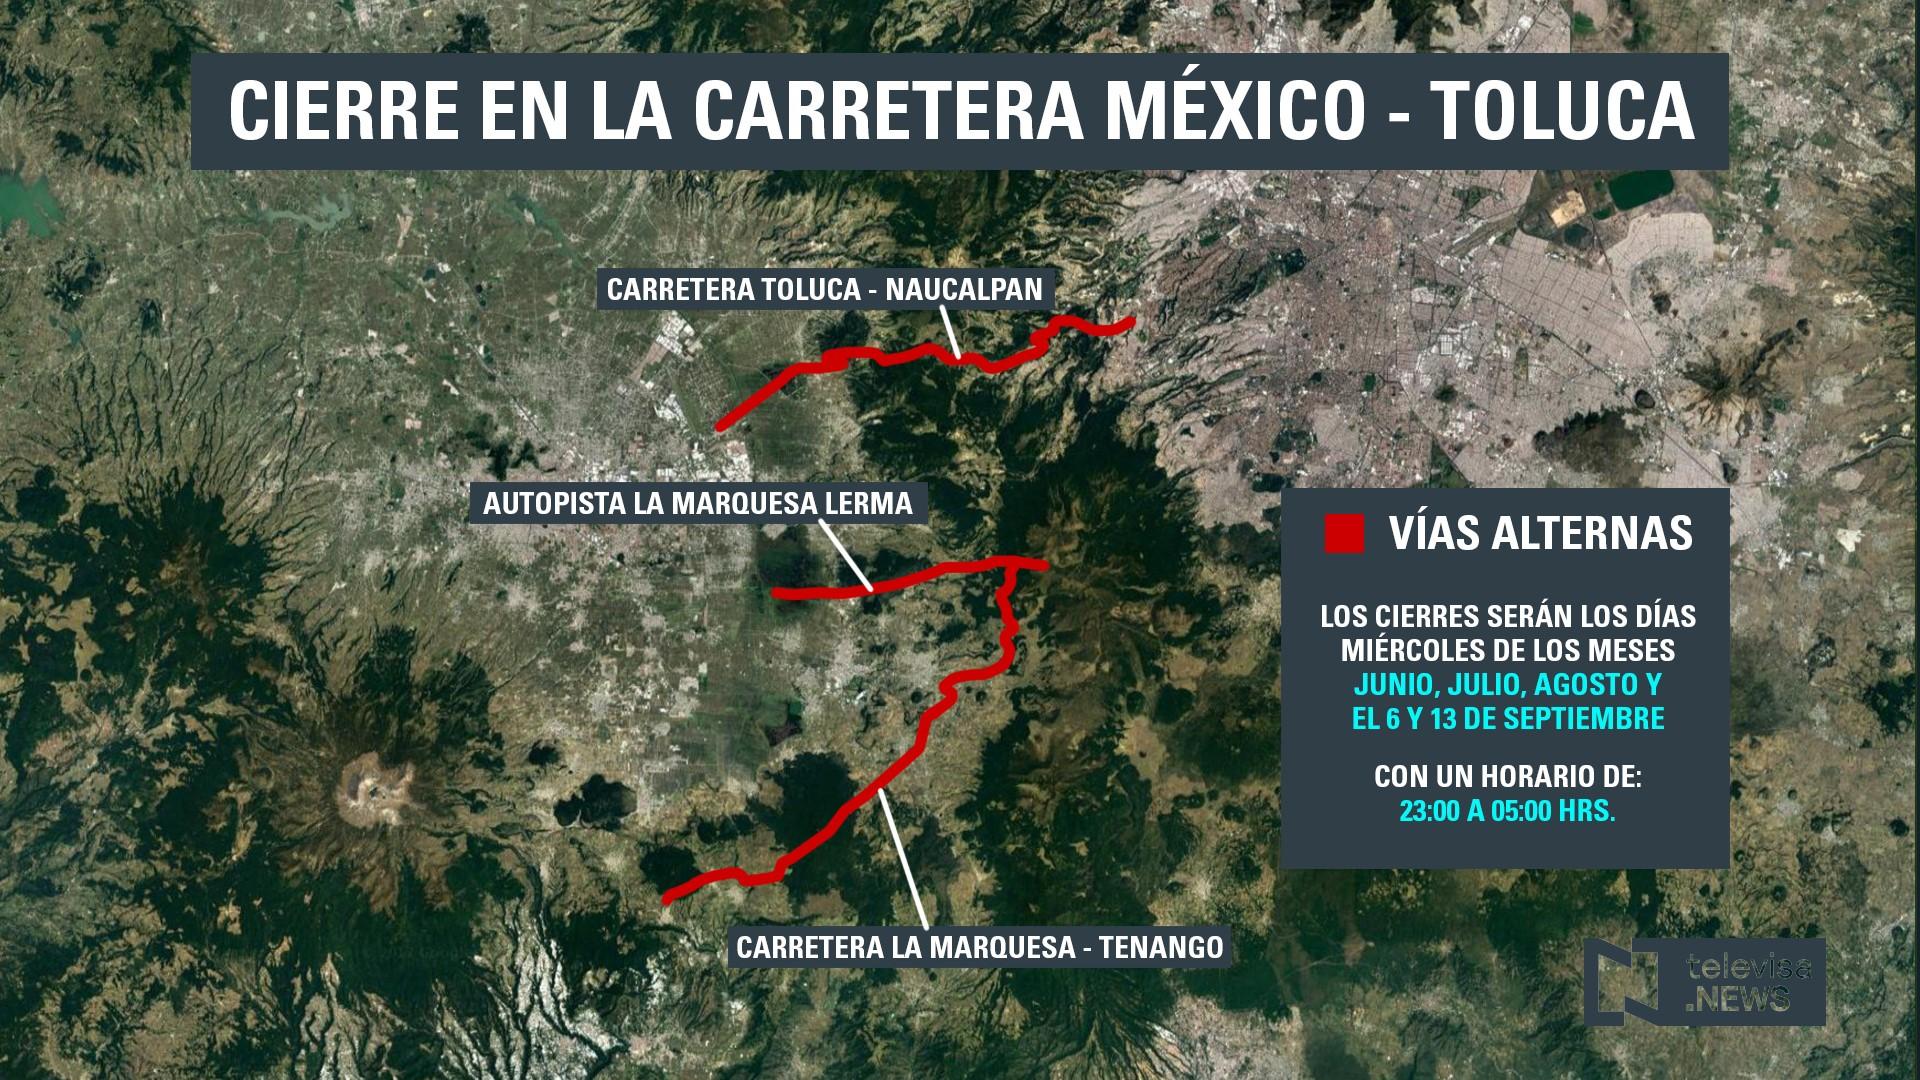 Carretera México-Toluca cerrará los miércoles por obras del Tren Interurbano